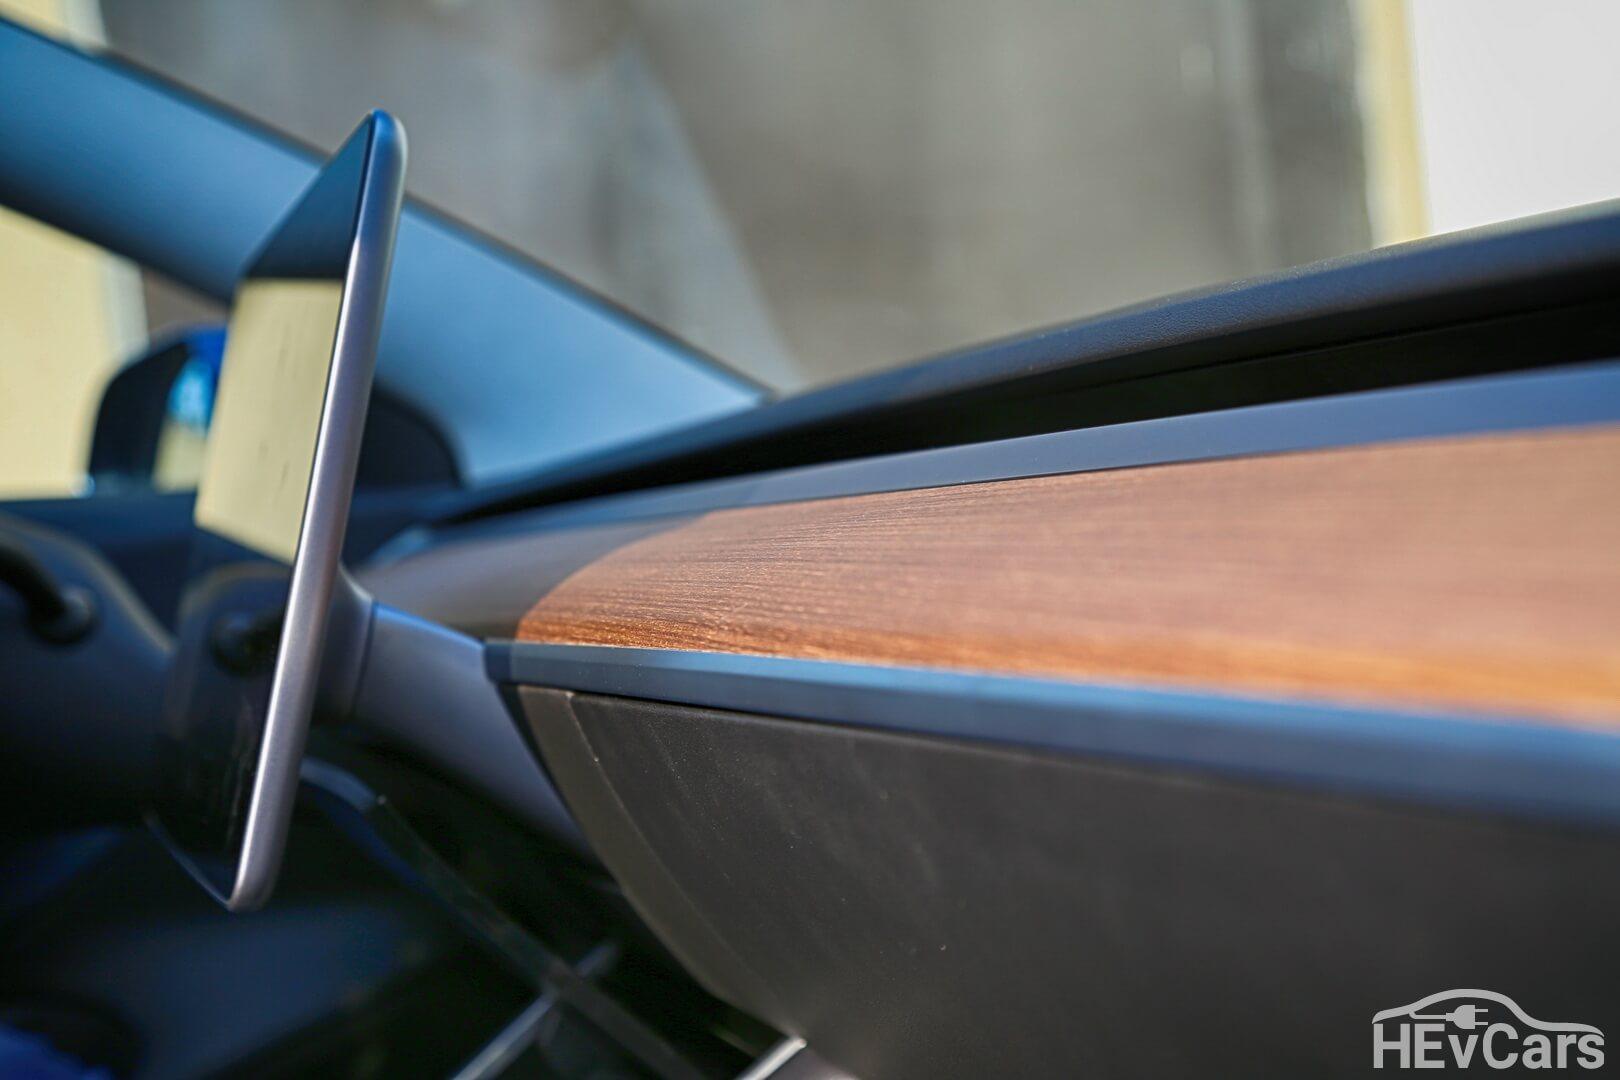 Деревянная вставка под дефлекторами обдува приборной панели Tesla Model 3